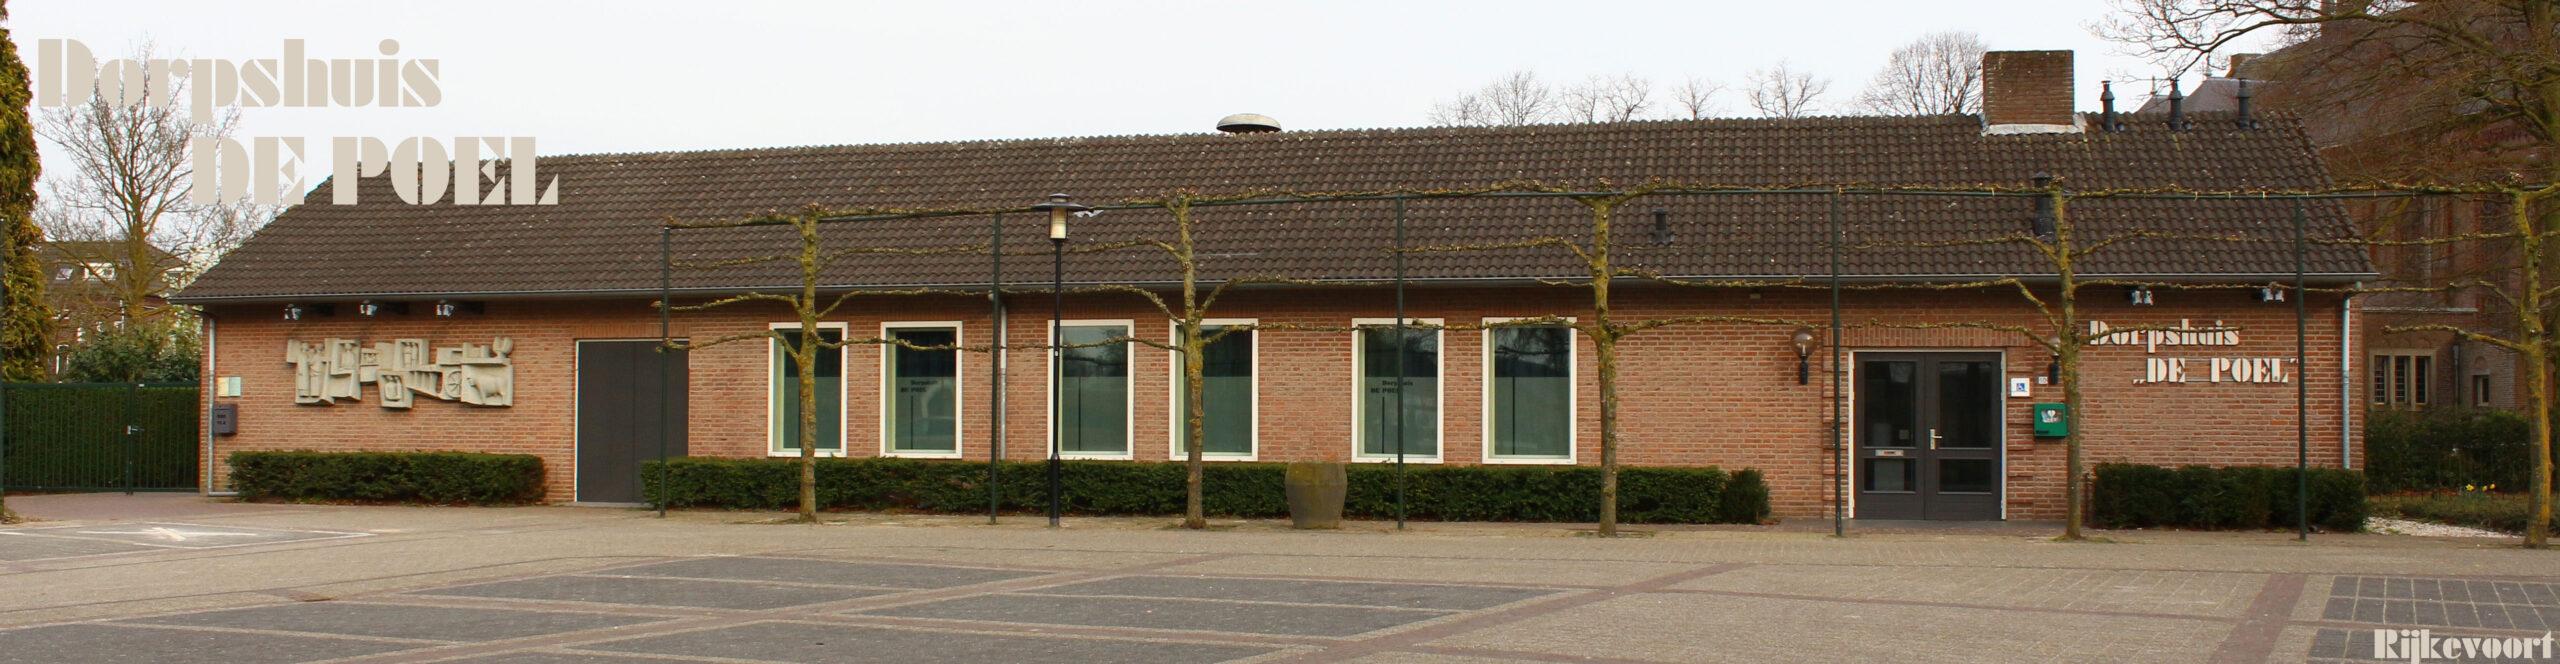 Dorpshuis de Poel, Rijkevoort